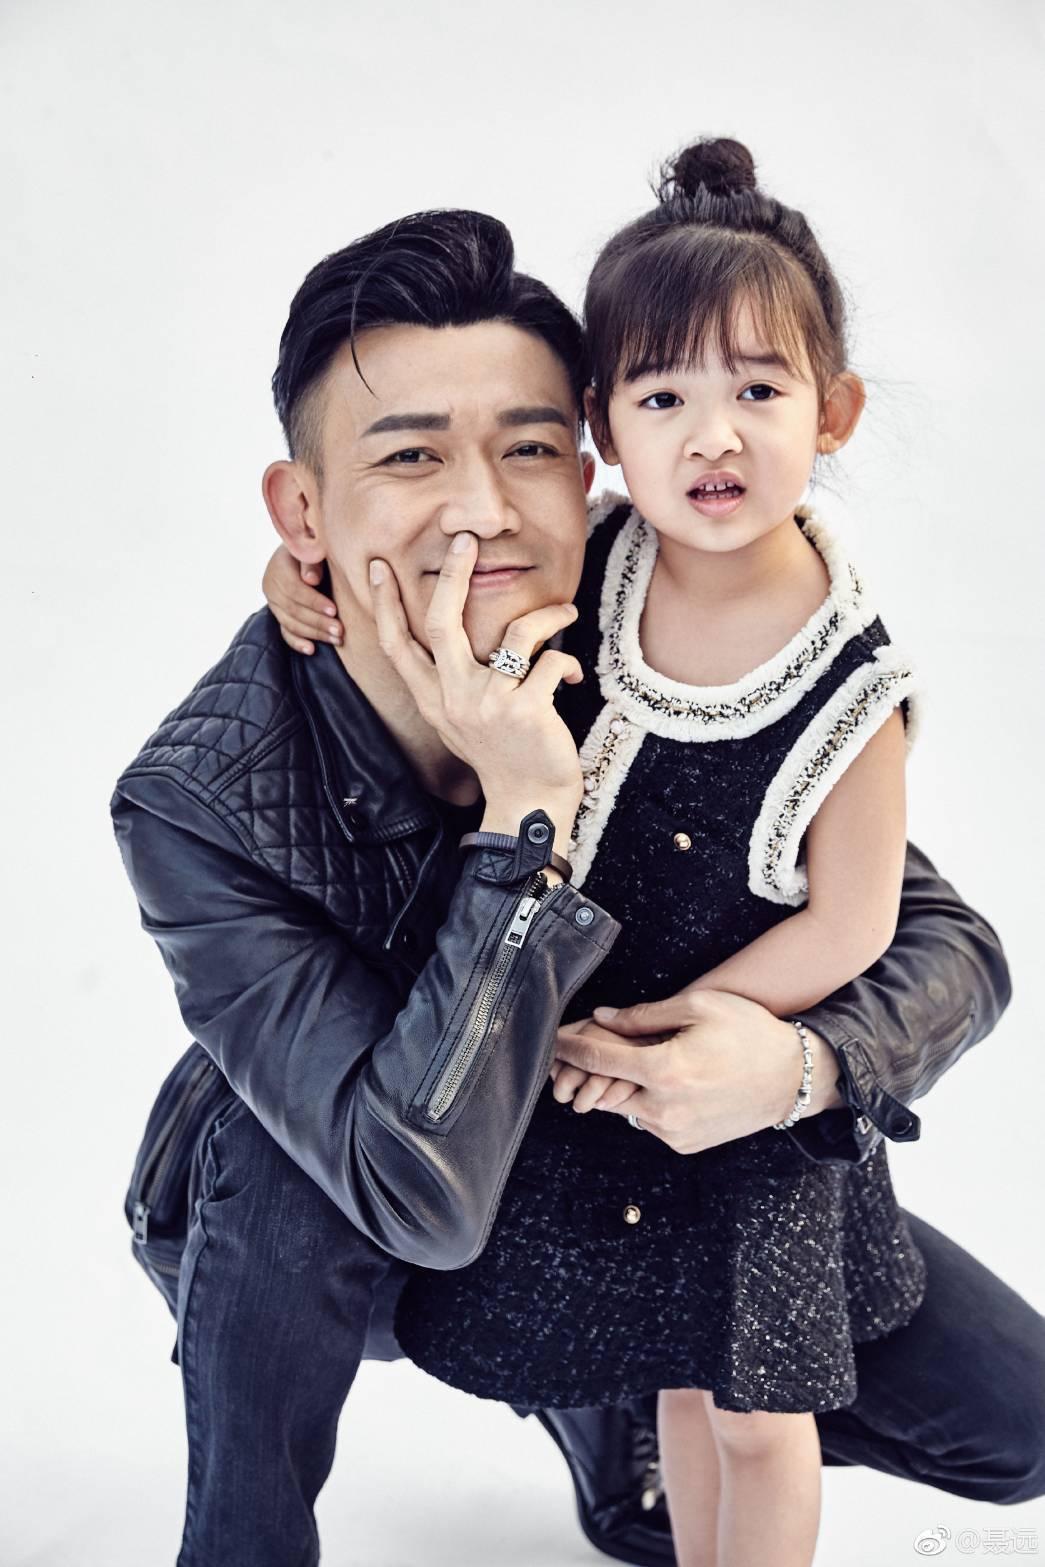 聶遠甘願當「女兒傻瓜」。圖/摘自微博